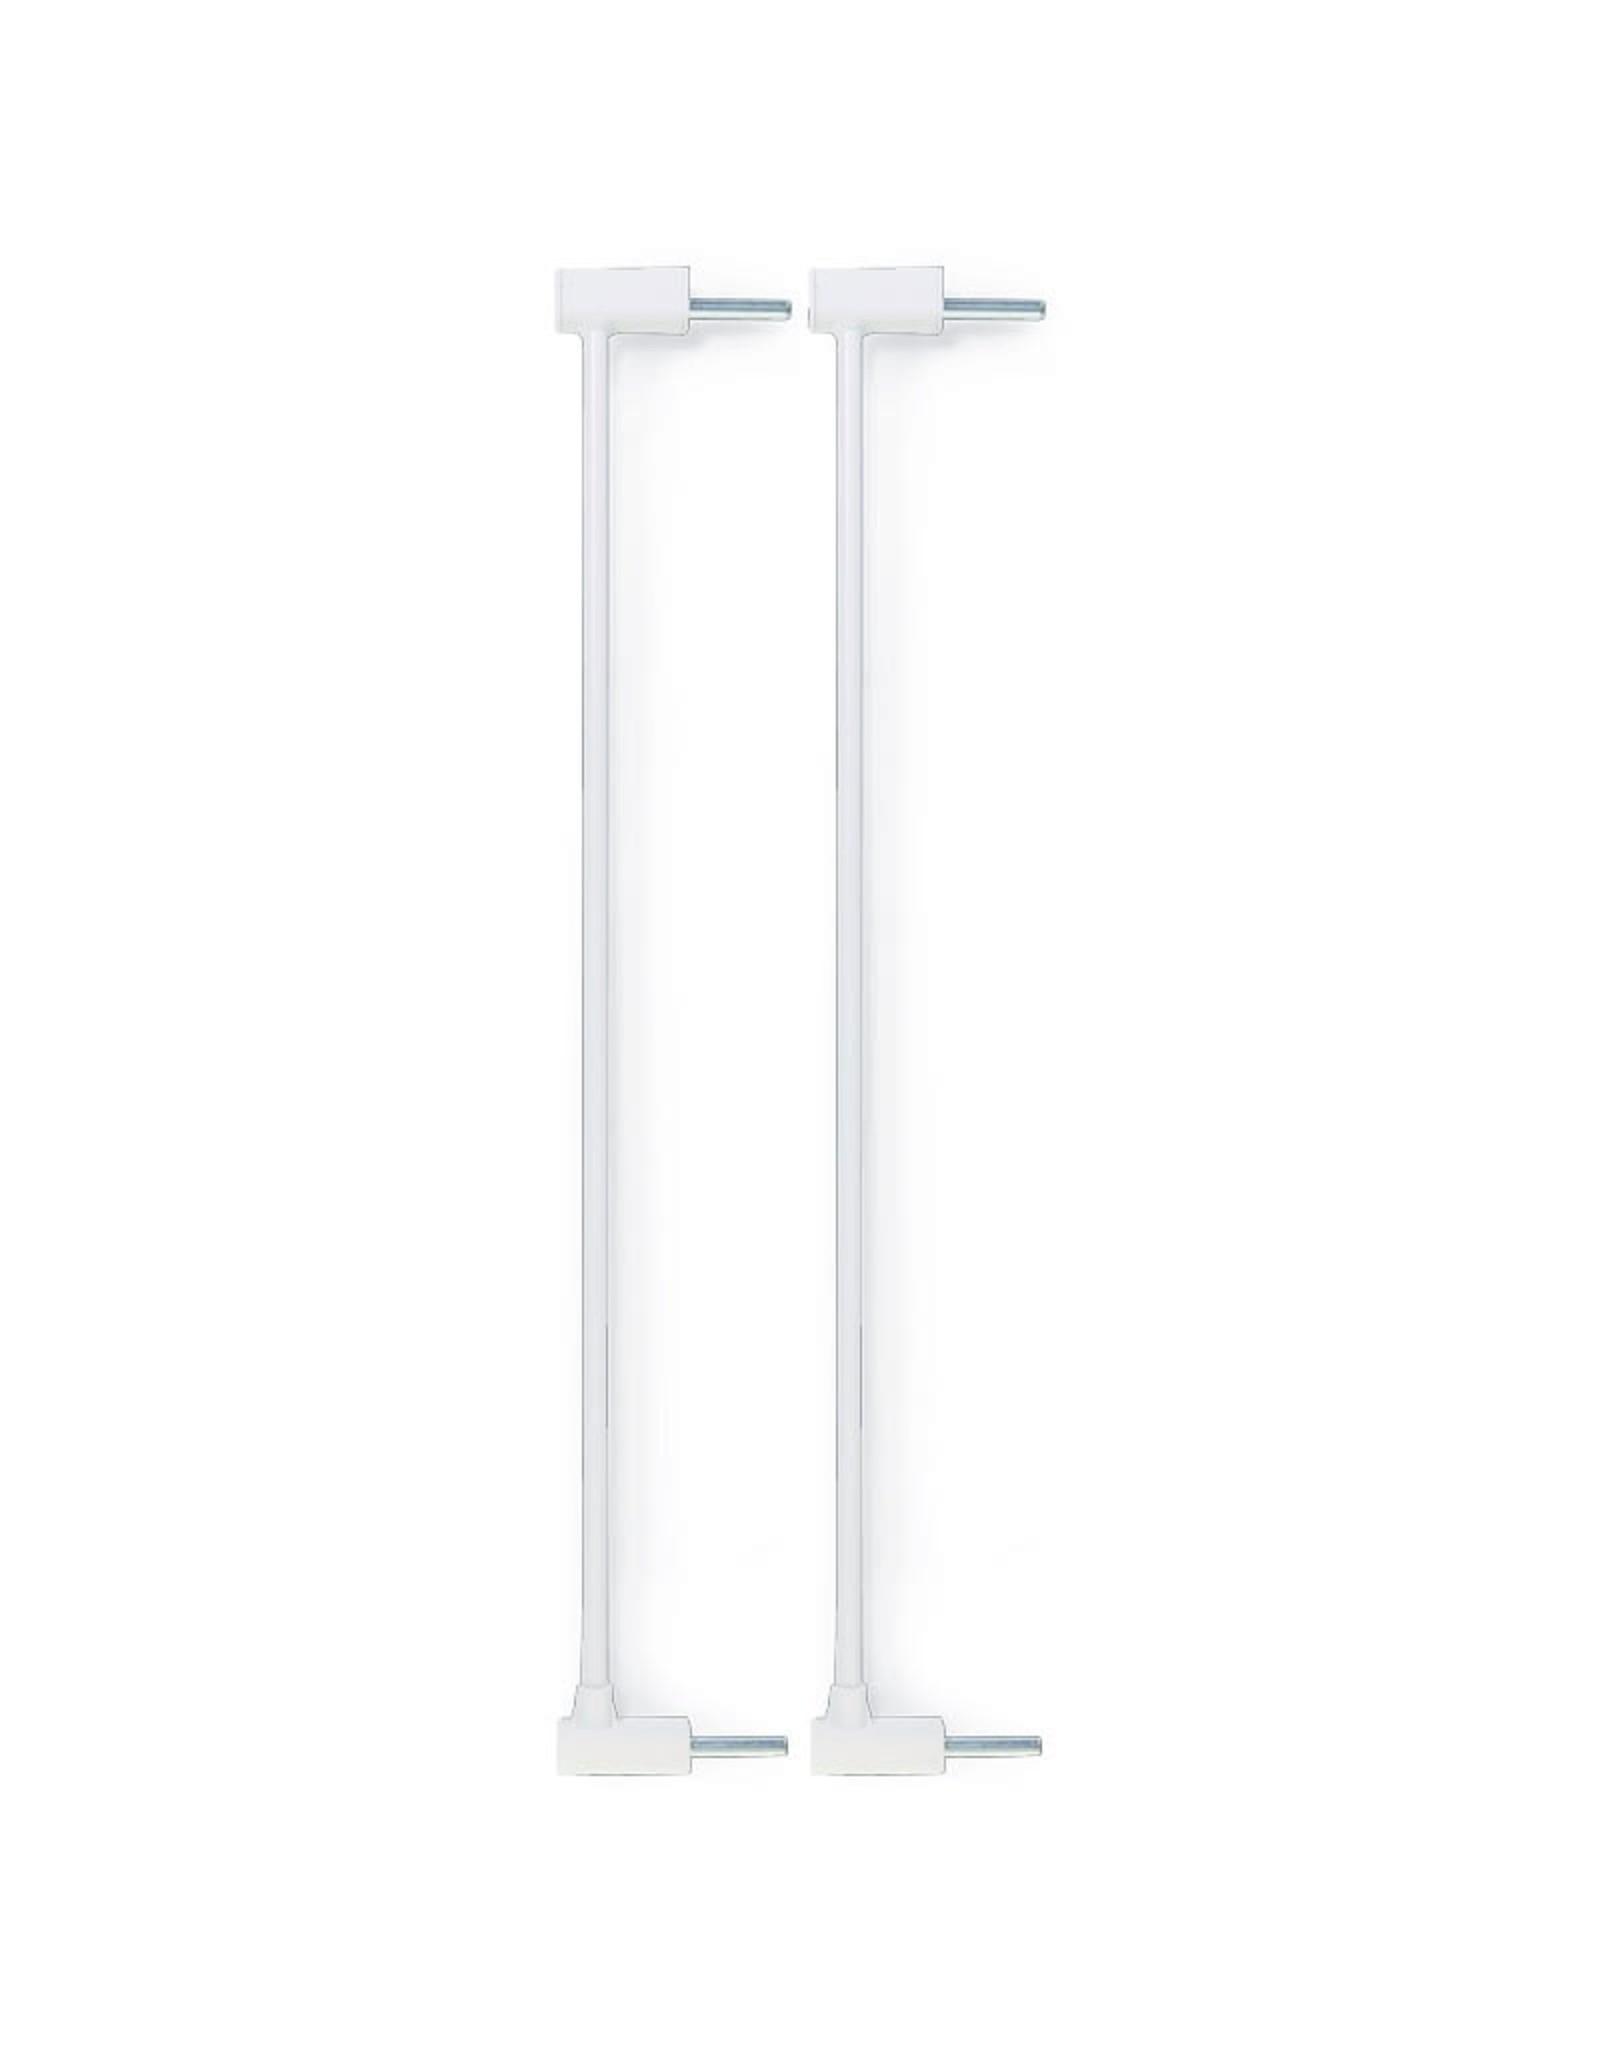 Childhome Childhome Verlengstuk Wit voor VHELTW 2x7cm